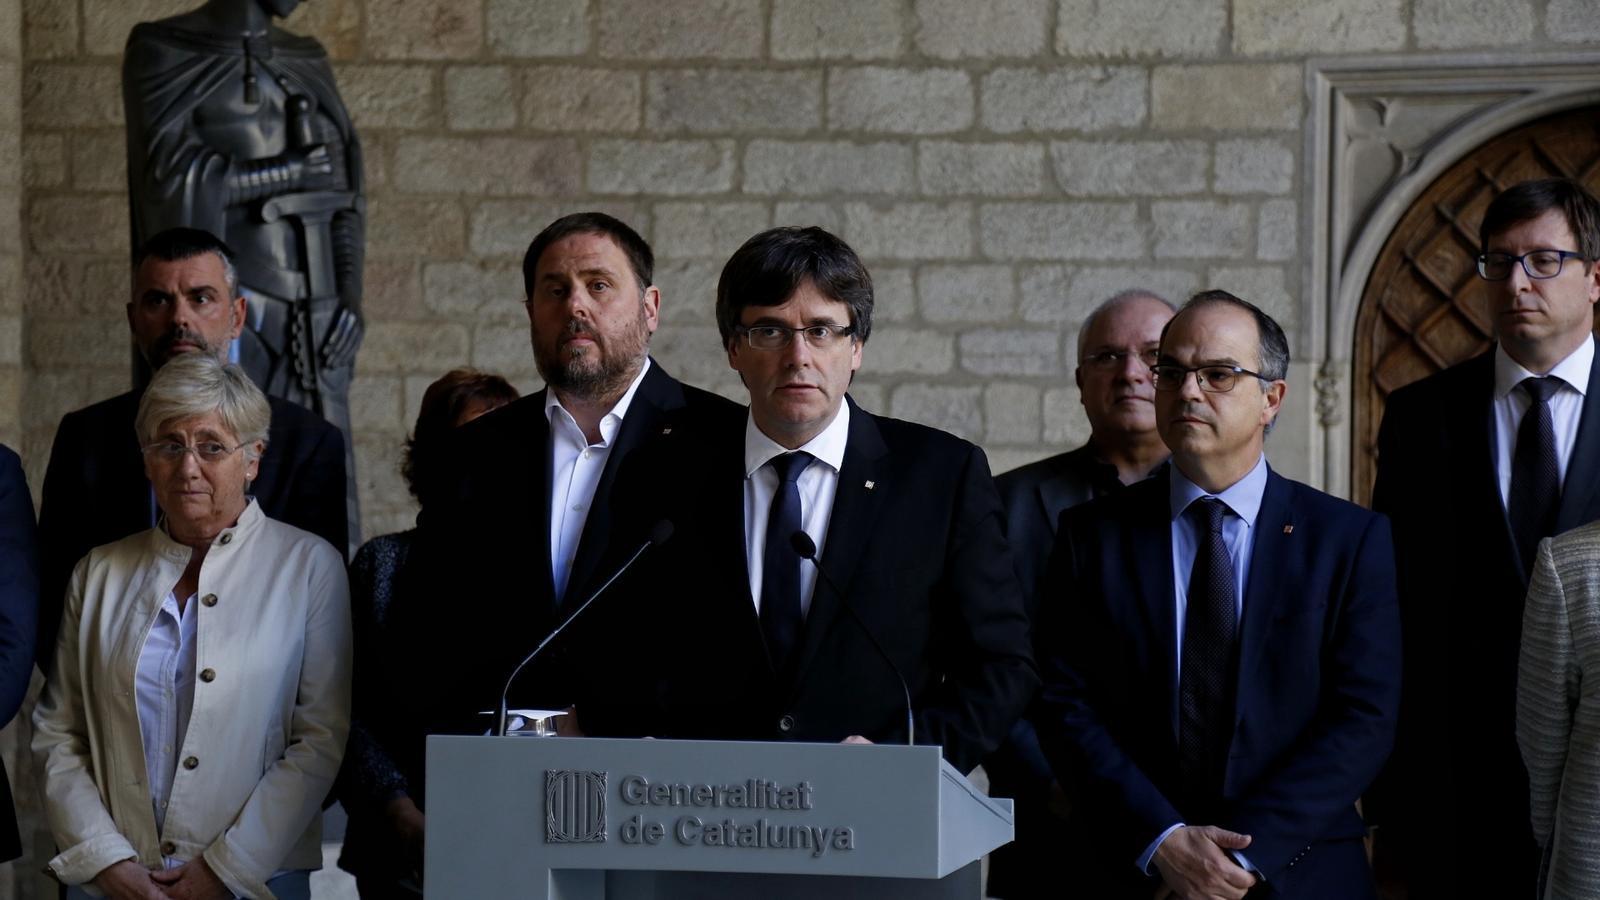 El president de la Generalitat, Carles Puigdemont, acompanyar de la resta del Govern, respon a la macrooperació de la Guàrdia Civil contra l'1-O